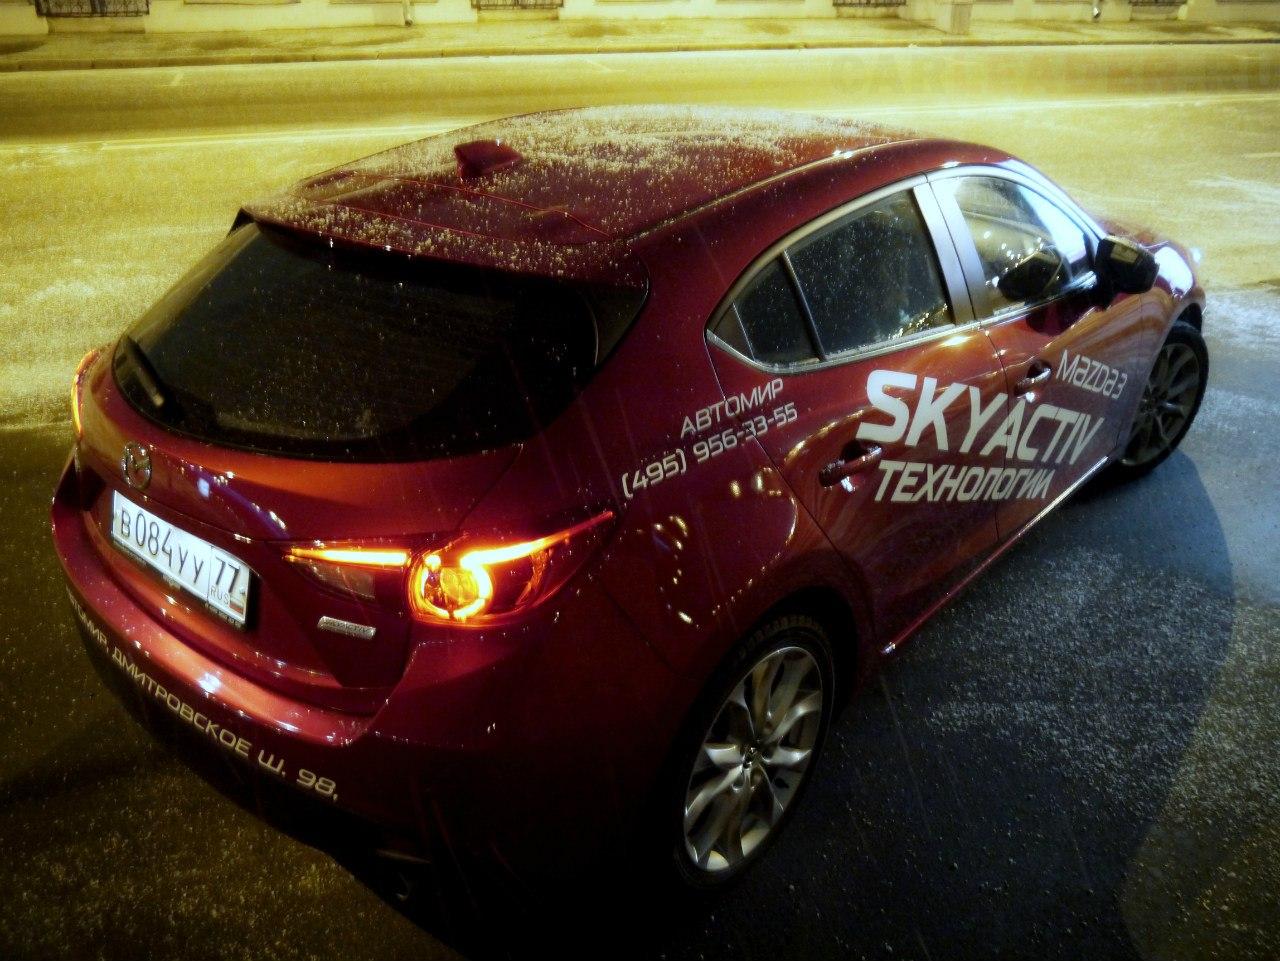 Mazda3 2014 - это юркий и экстравагантный автомобиль мегаполиса.